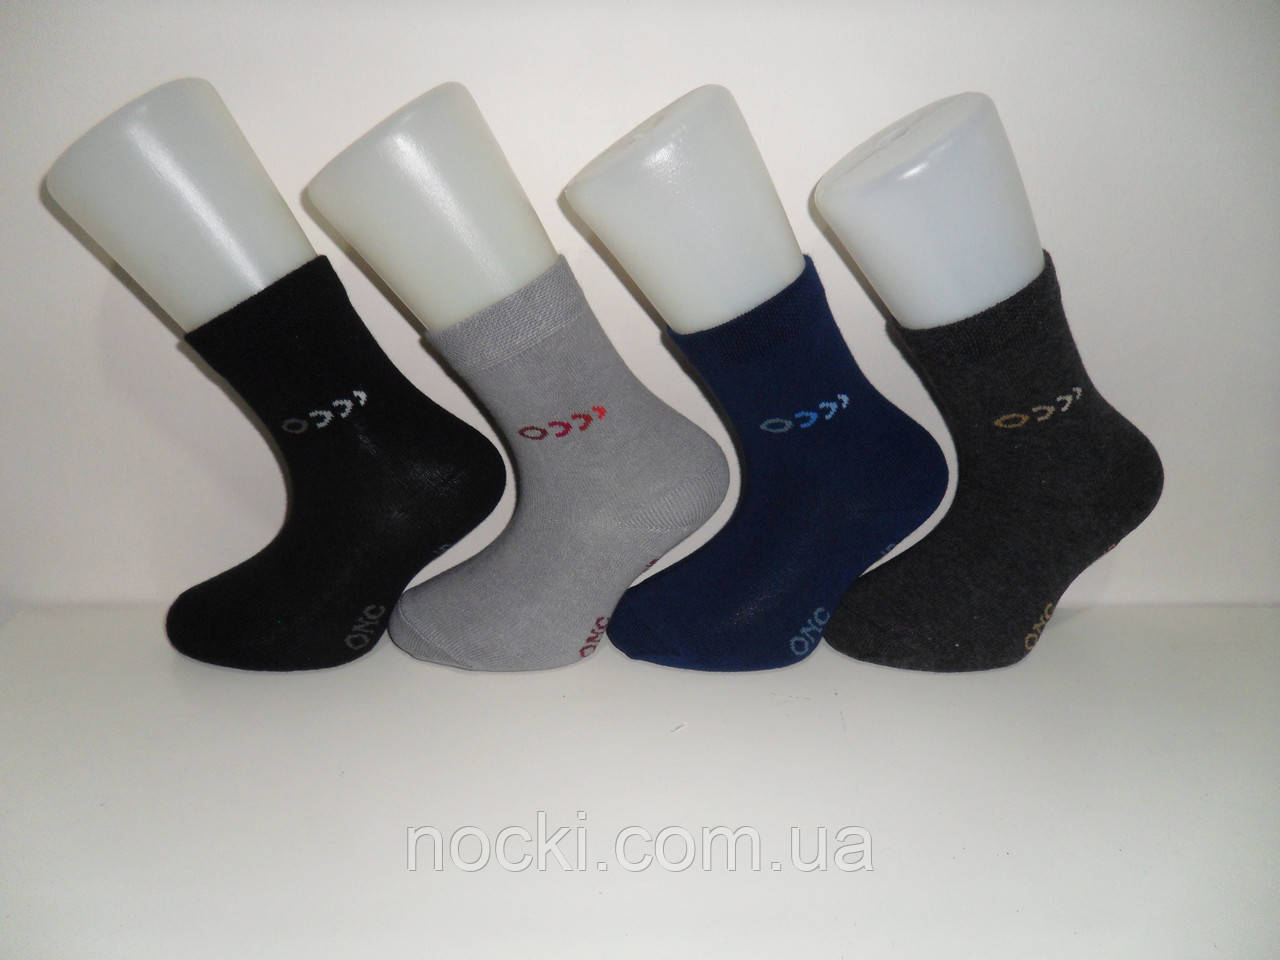 Дитячі шкарпетки стрейчеві комп'ютерні Onurcan б/р 13 0203